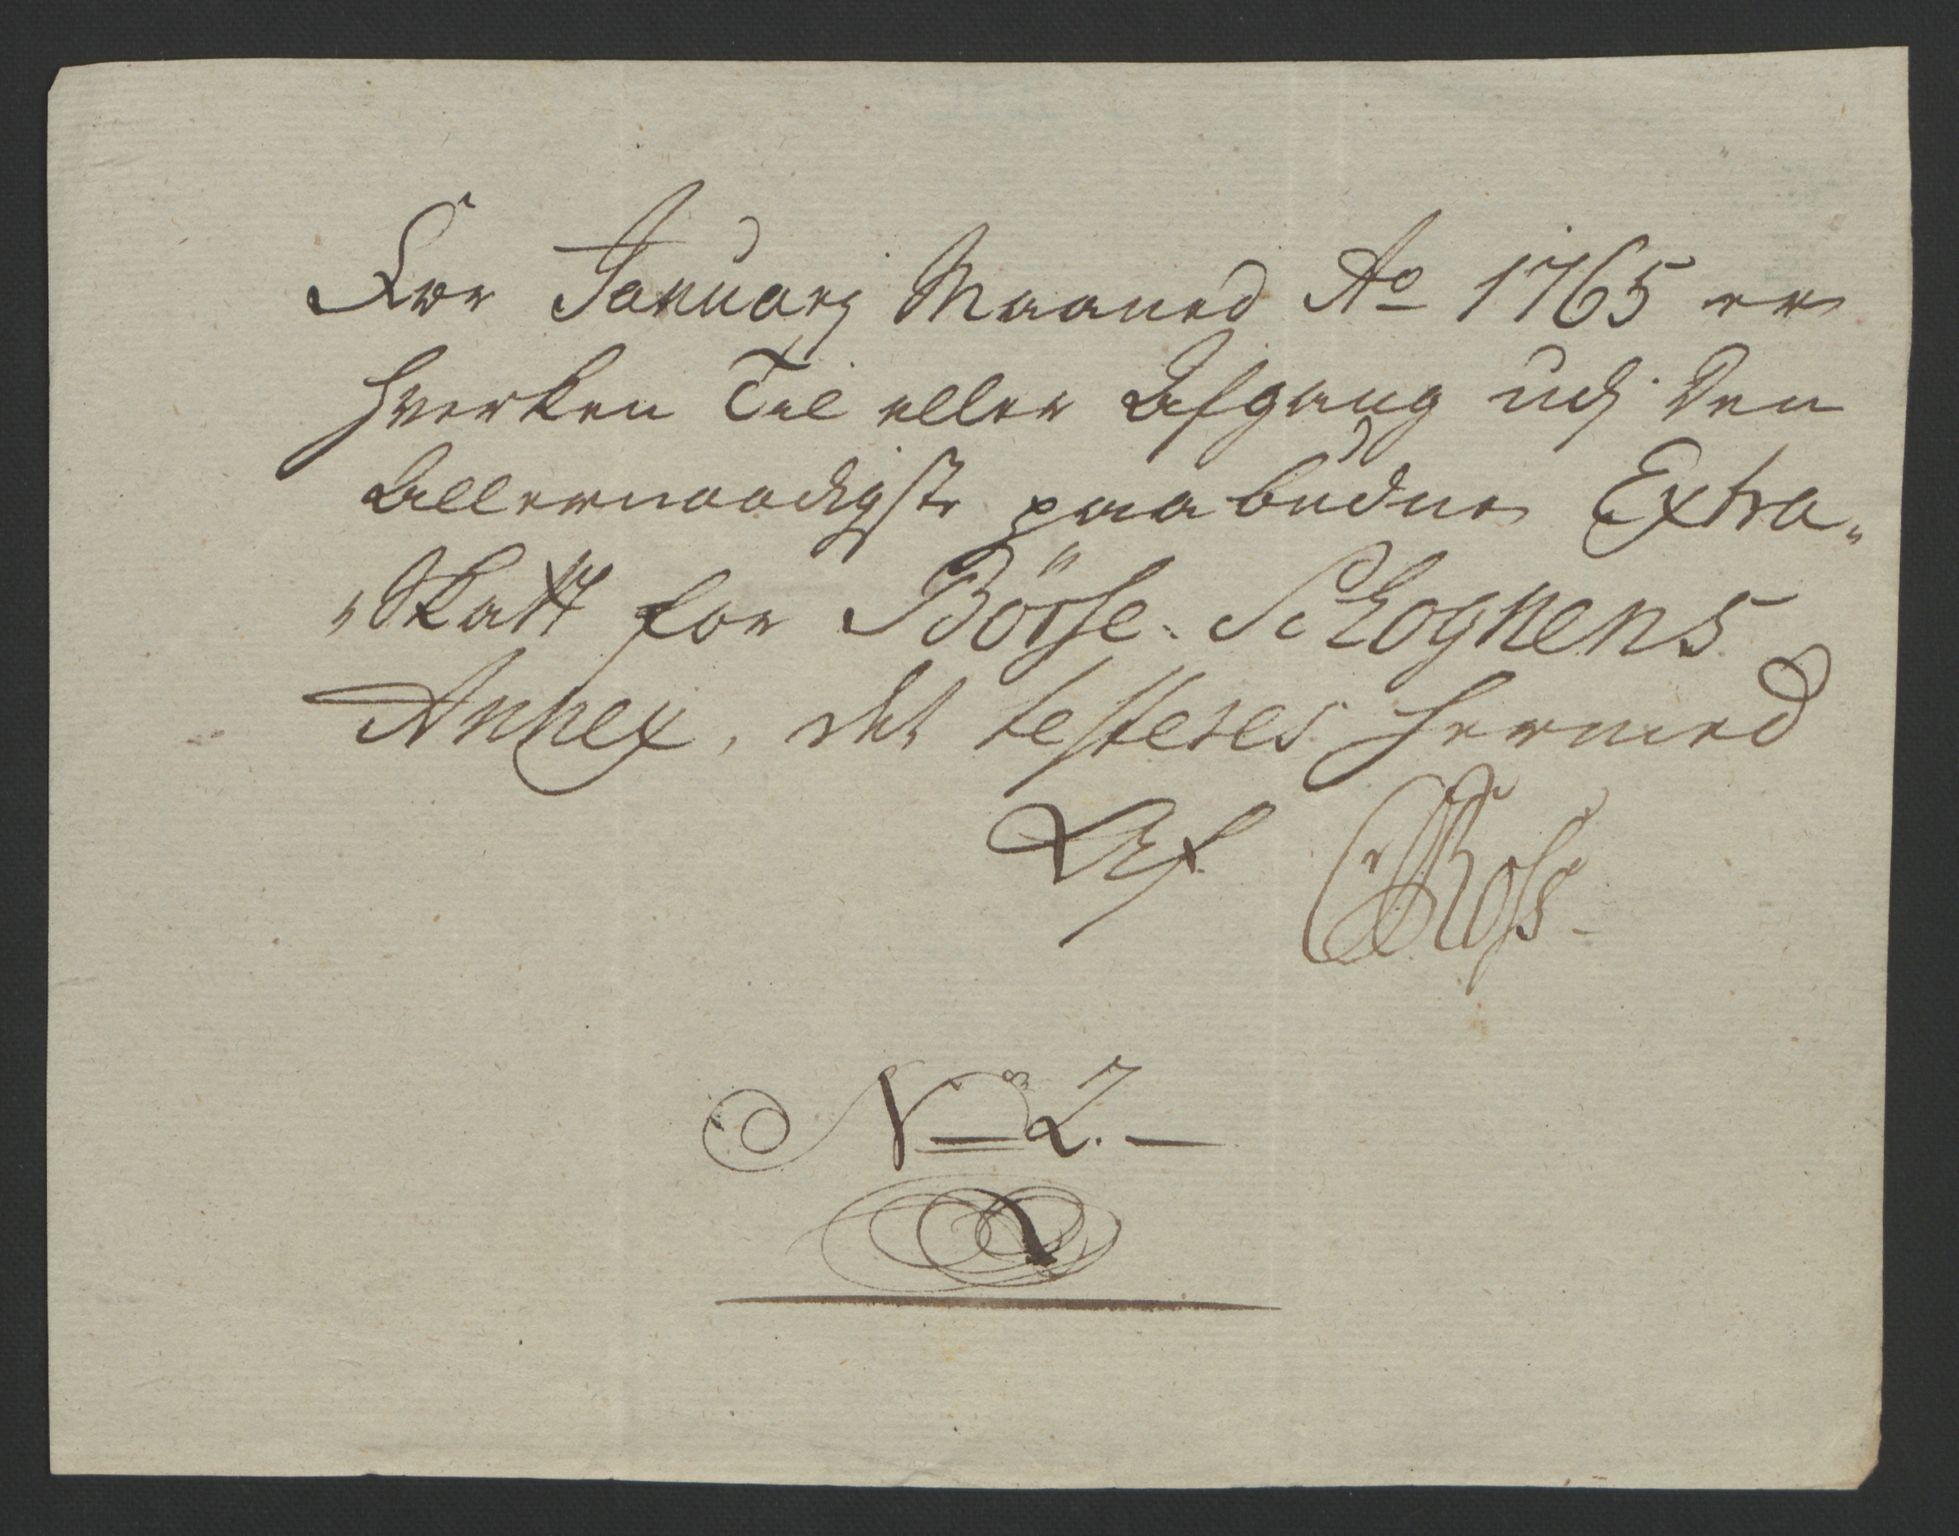 RA, Rentekammeret inntil 1814, Reviderte regnskaper, Fogderegnskap, R61/L4180: Ekstraskatten Strinda og Selbu, 1762-1767, s. 174